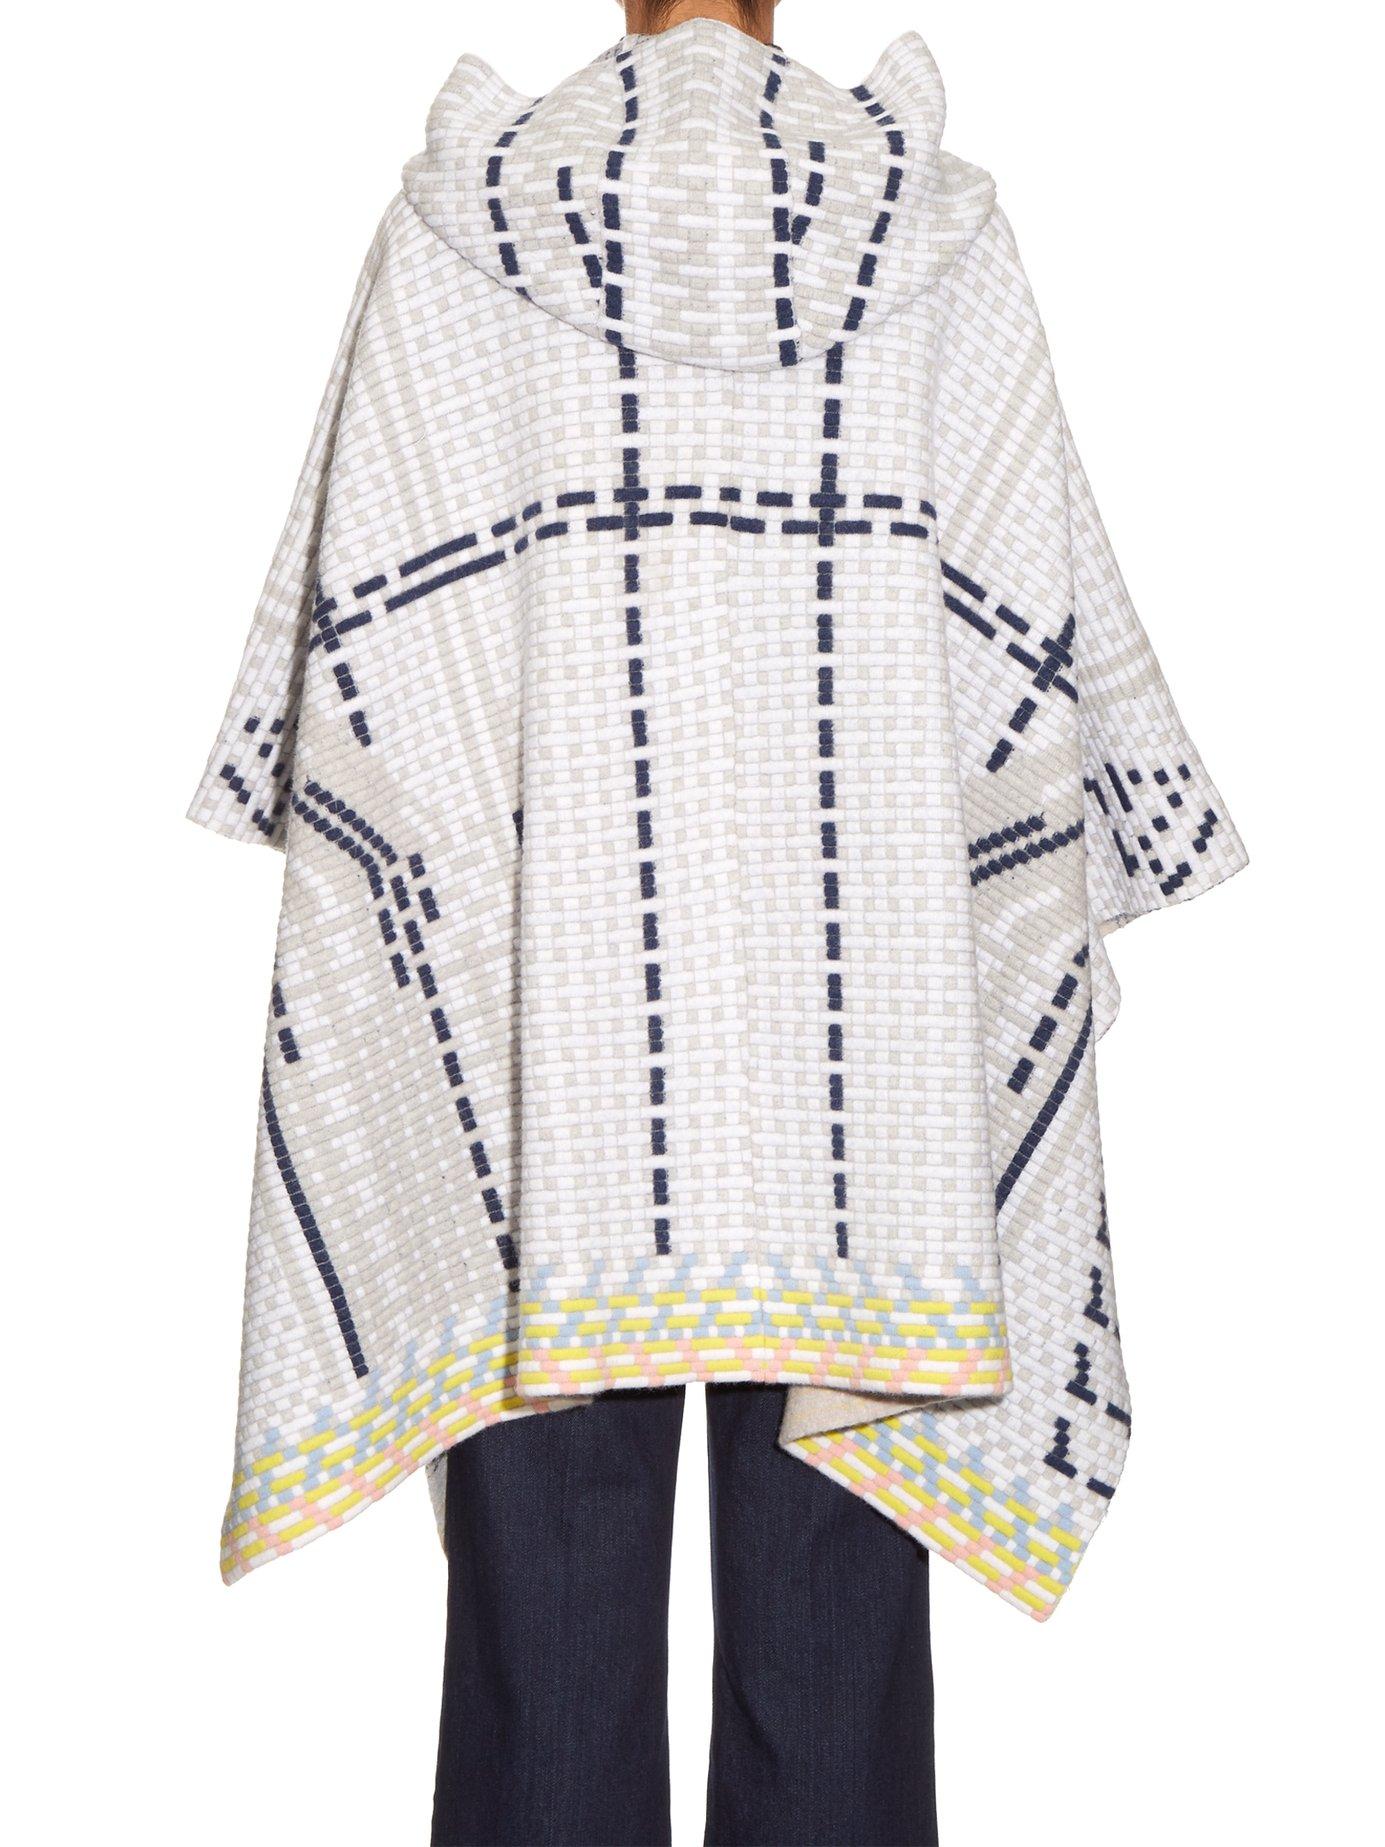 Ottaman knit wool-blend cape by Peter Pilotto